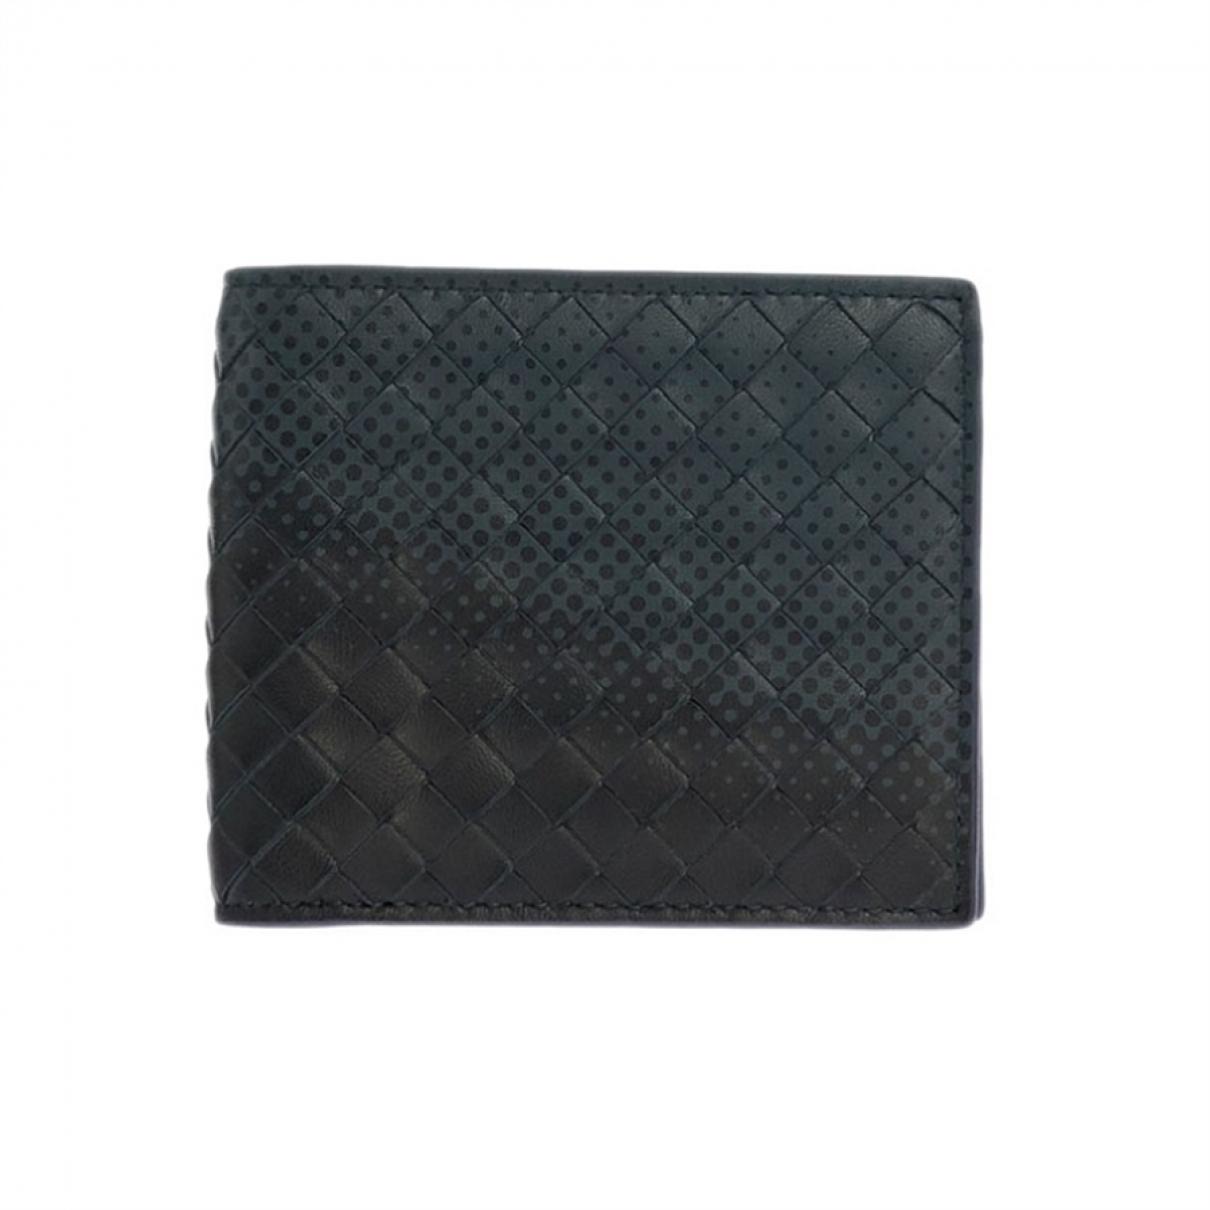 Bottega Veneta \N Black Leather Small bag, wallet & cases for Men \N